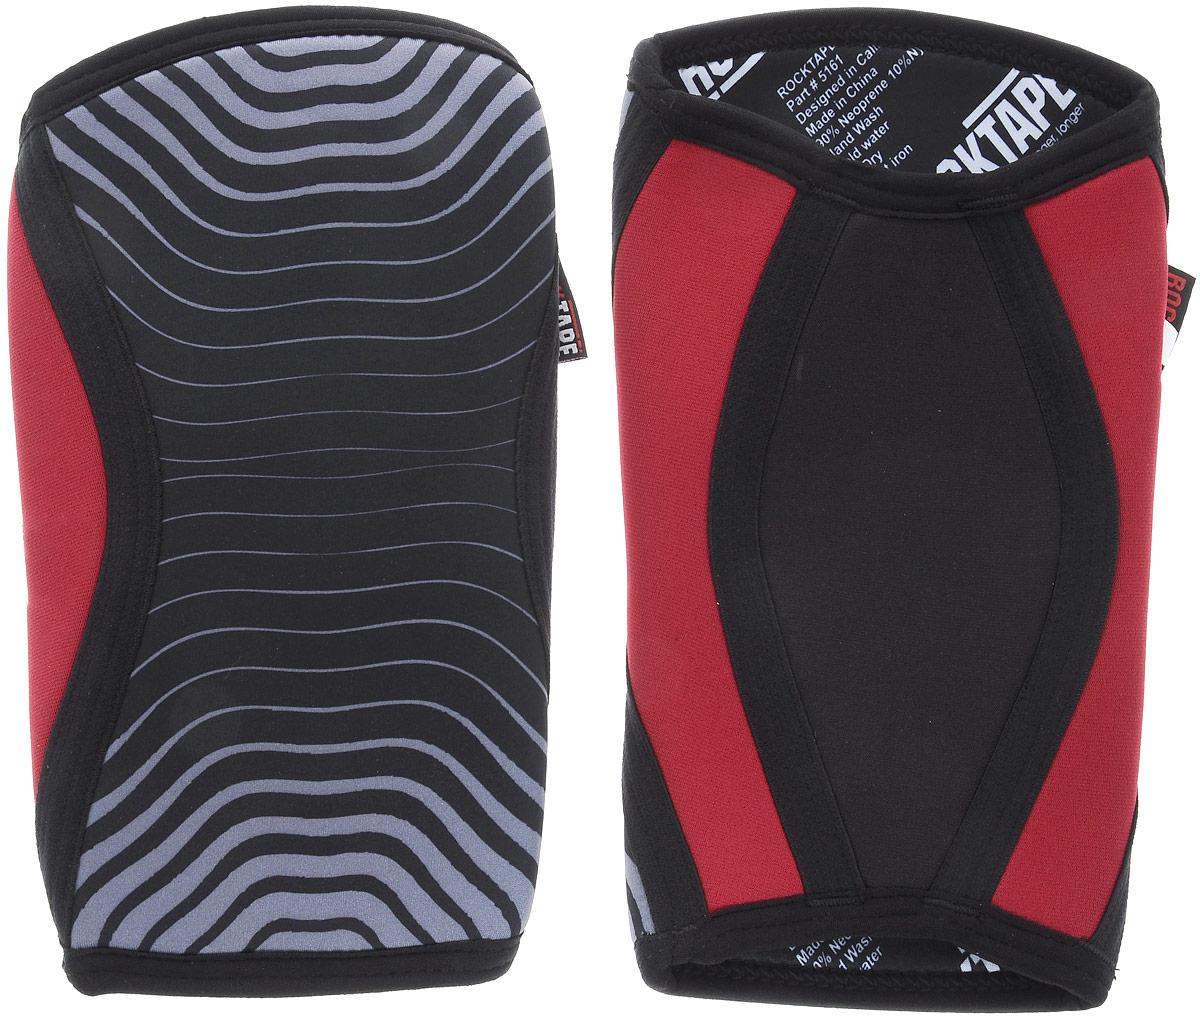 Наколенники Rocktape KneeCaps, цвет: красный, серый, черный, толщина 7 мм. Размер SRTKnCps-Rd-7-SRocktape KneeCaps - это компрессионные наколенники для тяжелой атлетики/CrossFit. Наколенники созданы специально, чтобы обеспечить компрессионный и согревающий эффект, а также придать стабильность коленному суставу для выполнения функциональных движений, таких как становая тяга, пистолет, приседания со штангой. В отличие от аналогов, наколенники Rocktape KneeCaps более высокие и разработаны специально для компрессии VMO (косой медиальной широкой мышцы бедра) в месте ее прикрепления над коленной чашечкой, чтобы обеспечить надлежащую стабилизацию колена и контроль. Помимо стабилизации, они создают компрессионный и согревающий эффект, что улучшает кровоток. Толщина: 7 мм. Обхват колена: 28-34 см.